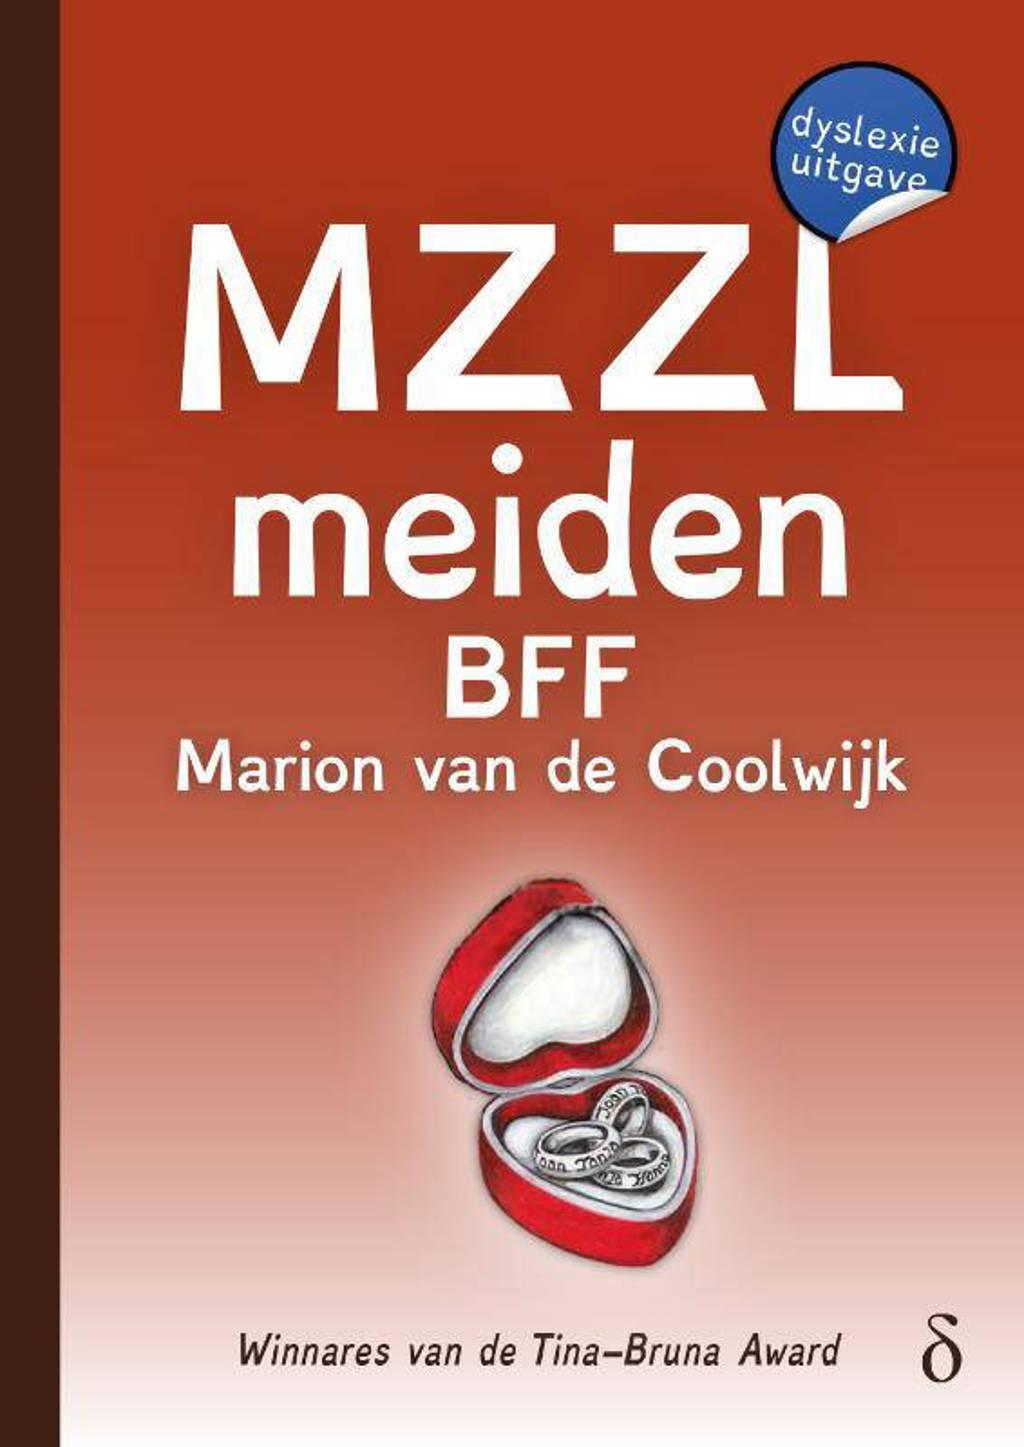 MZZLmeiden: MZZLmeiden BFF - Marion van de Coolwijk